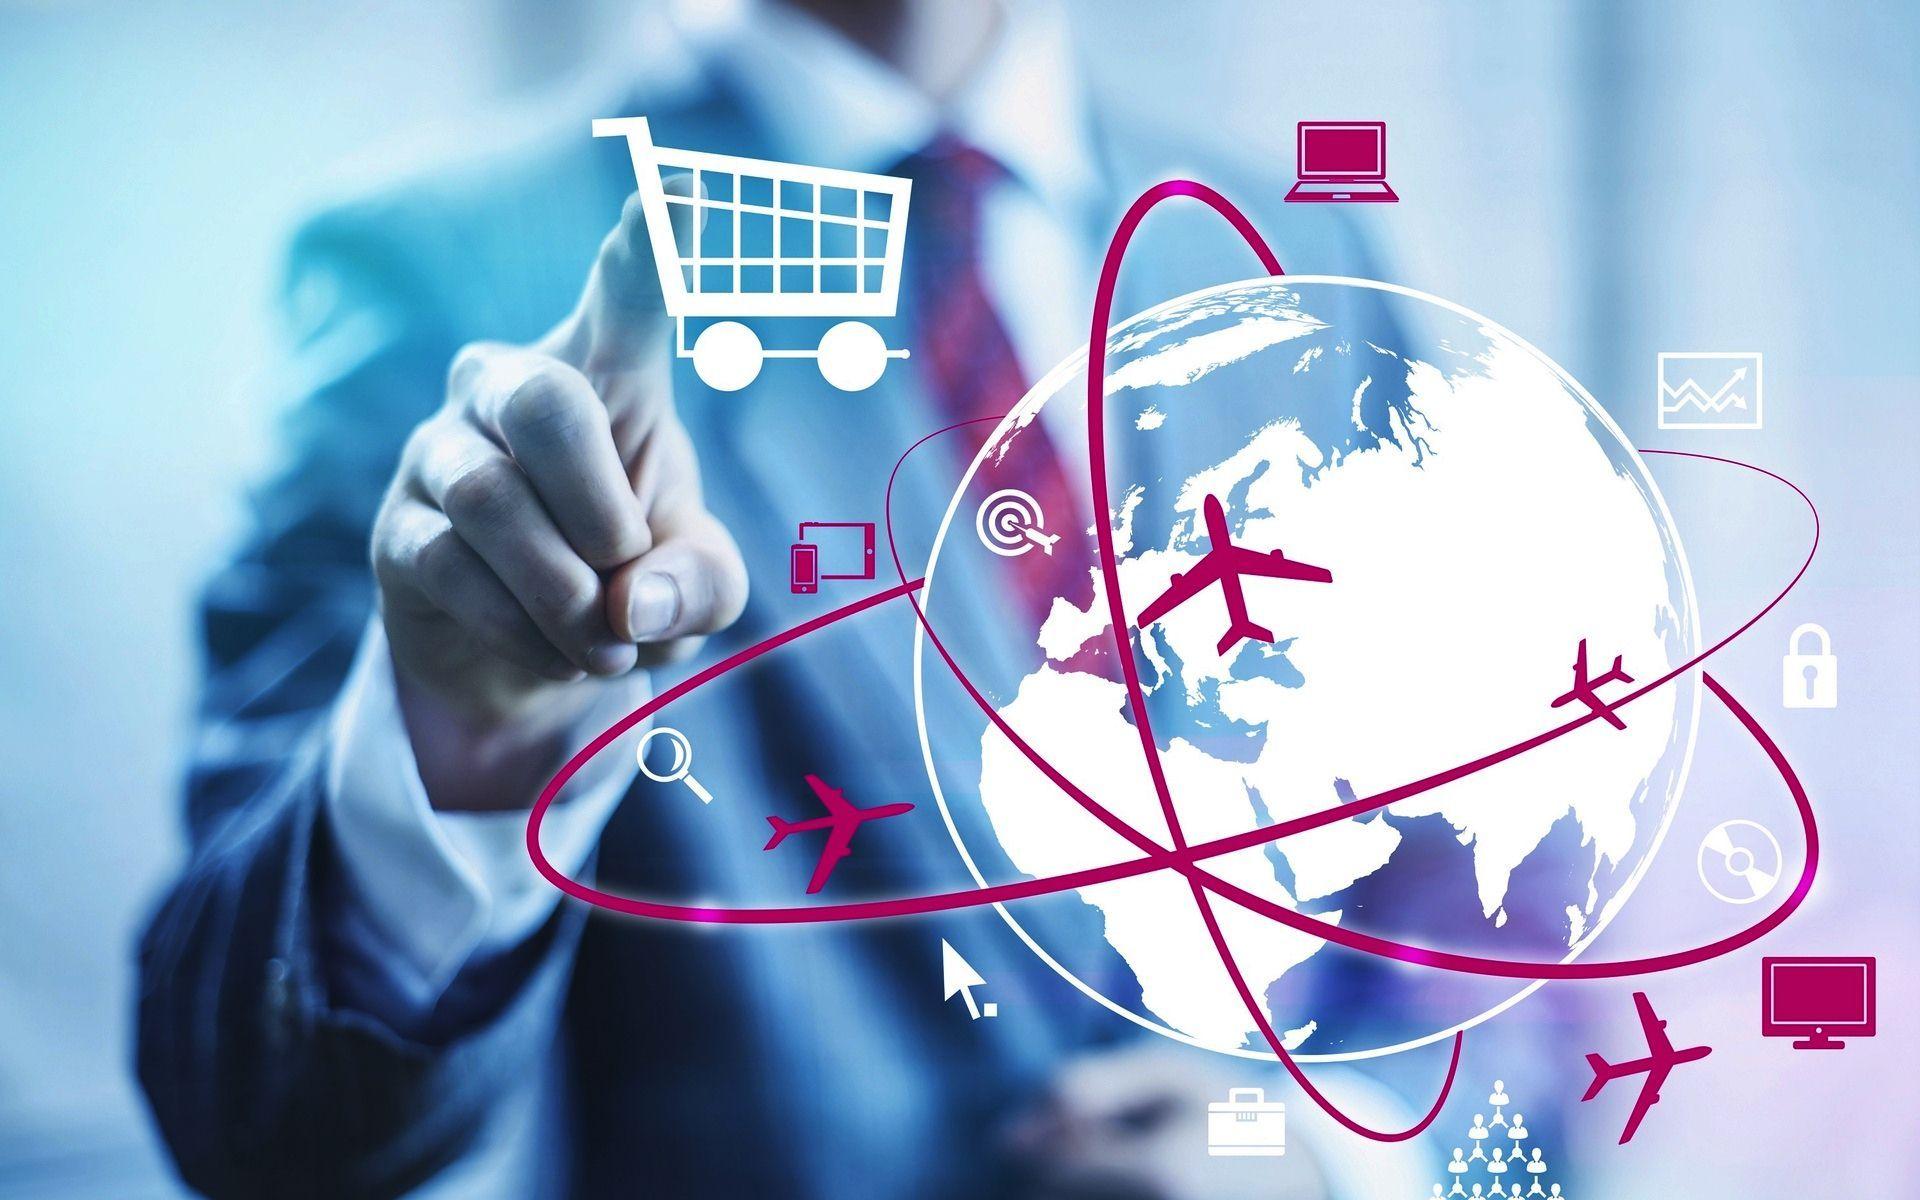 Business-Sales-internet-Tech-Wallpaper